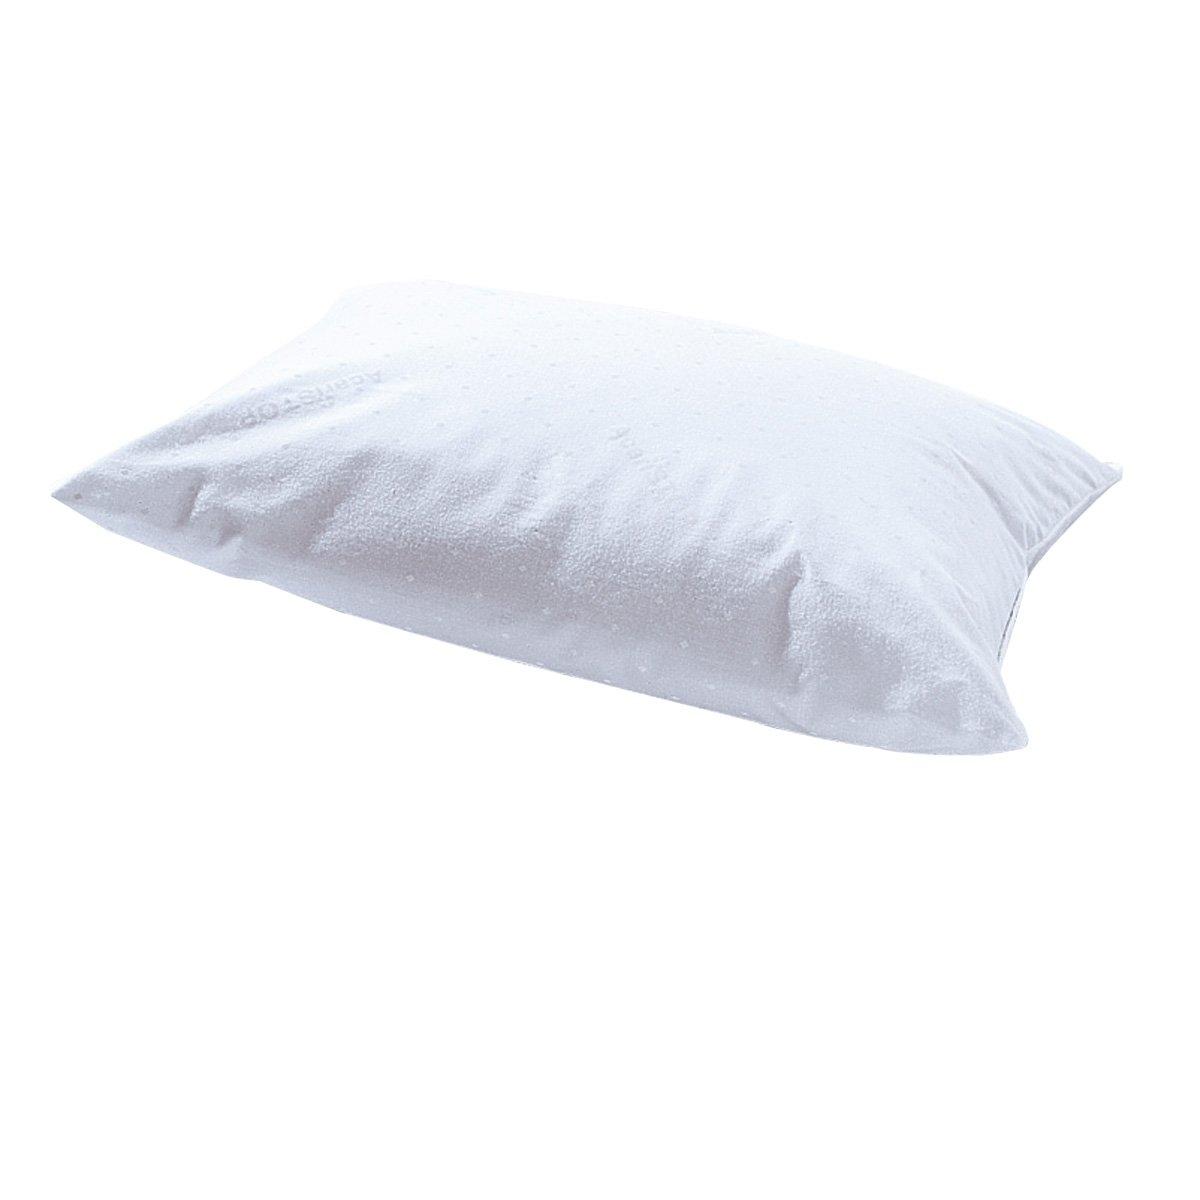 Подушка La Redoute Детская с обработкой 40 x 60 см белый подушка тихий час идеал 40 х 40 см